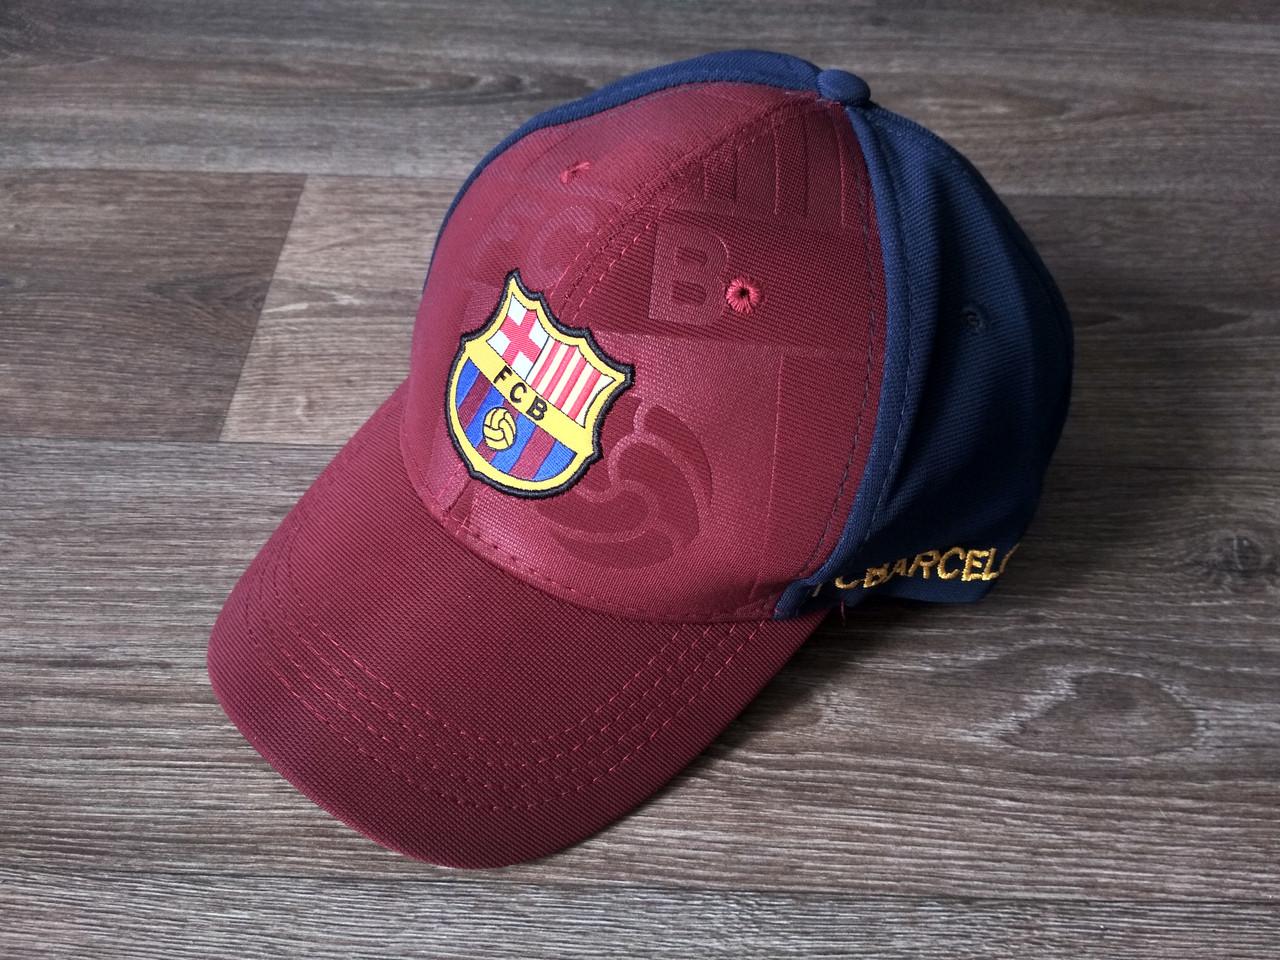 Футбольная Бейсболка / кепка Барселона / Barcelona бордовая 19-20